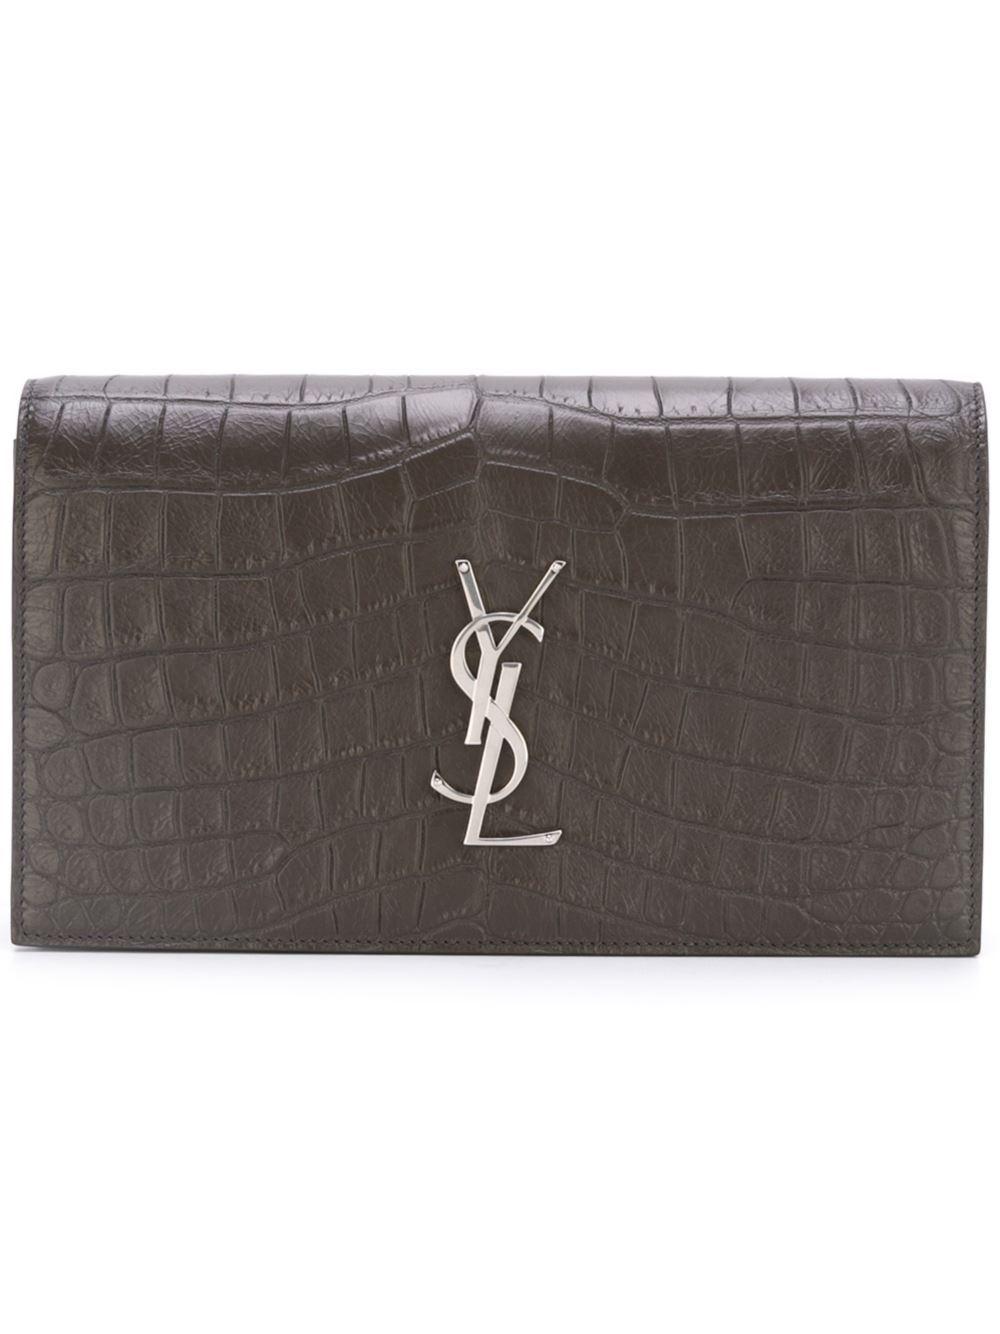 bfa47dfbe556 ... Queen Bee of Beverly Hills. SAINT LAURENT YSL Women s classic Grey  Crocodile Clutch 400409 0